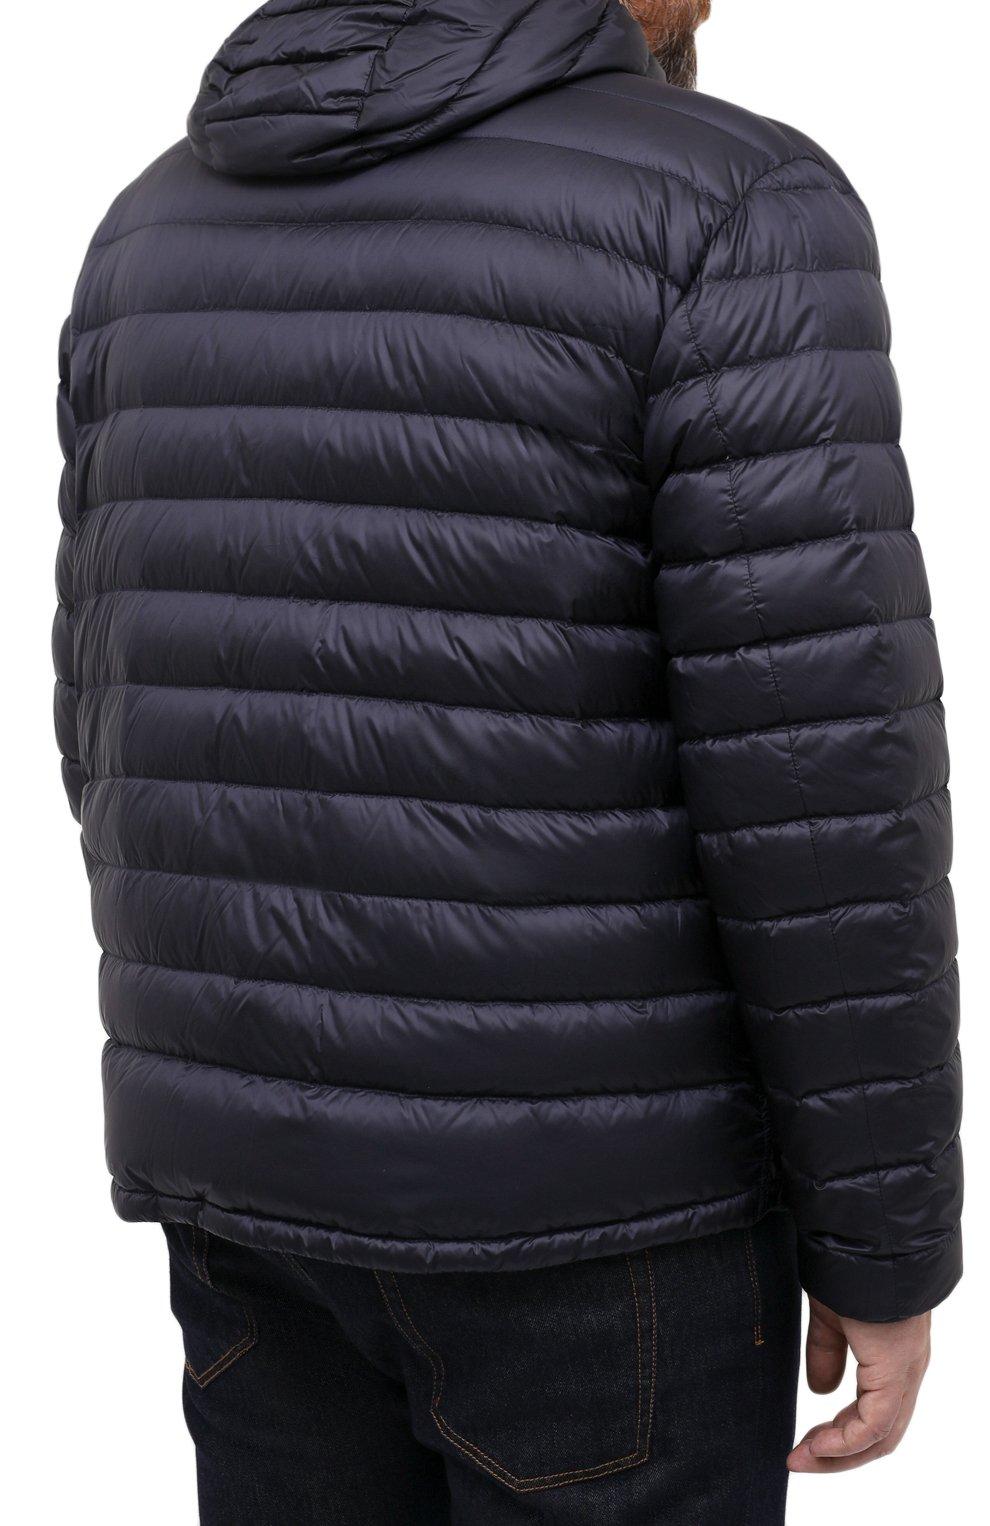 Мужская пуховая куртка PAUL&SHARK синего цвета, арт. C0P2008/GTX/3XL-6XL | Фото 4 (Кросс-КТ: Куртка, Пуховик; Мужское Кросс-КТ: пуховик-короткий, Пуховик-верхняя одежда, Верхняя одежда; Рукава: Длинные; Материал внешний: Синтетический материал; Материал подклада: Синтетический материал; Длина (верхняя одежда): Короткие; Материал утеплителя: Пух и перо; Стили: Кэжуэл)